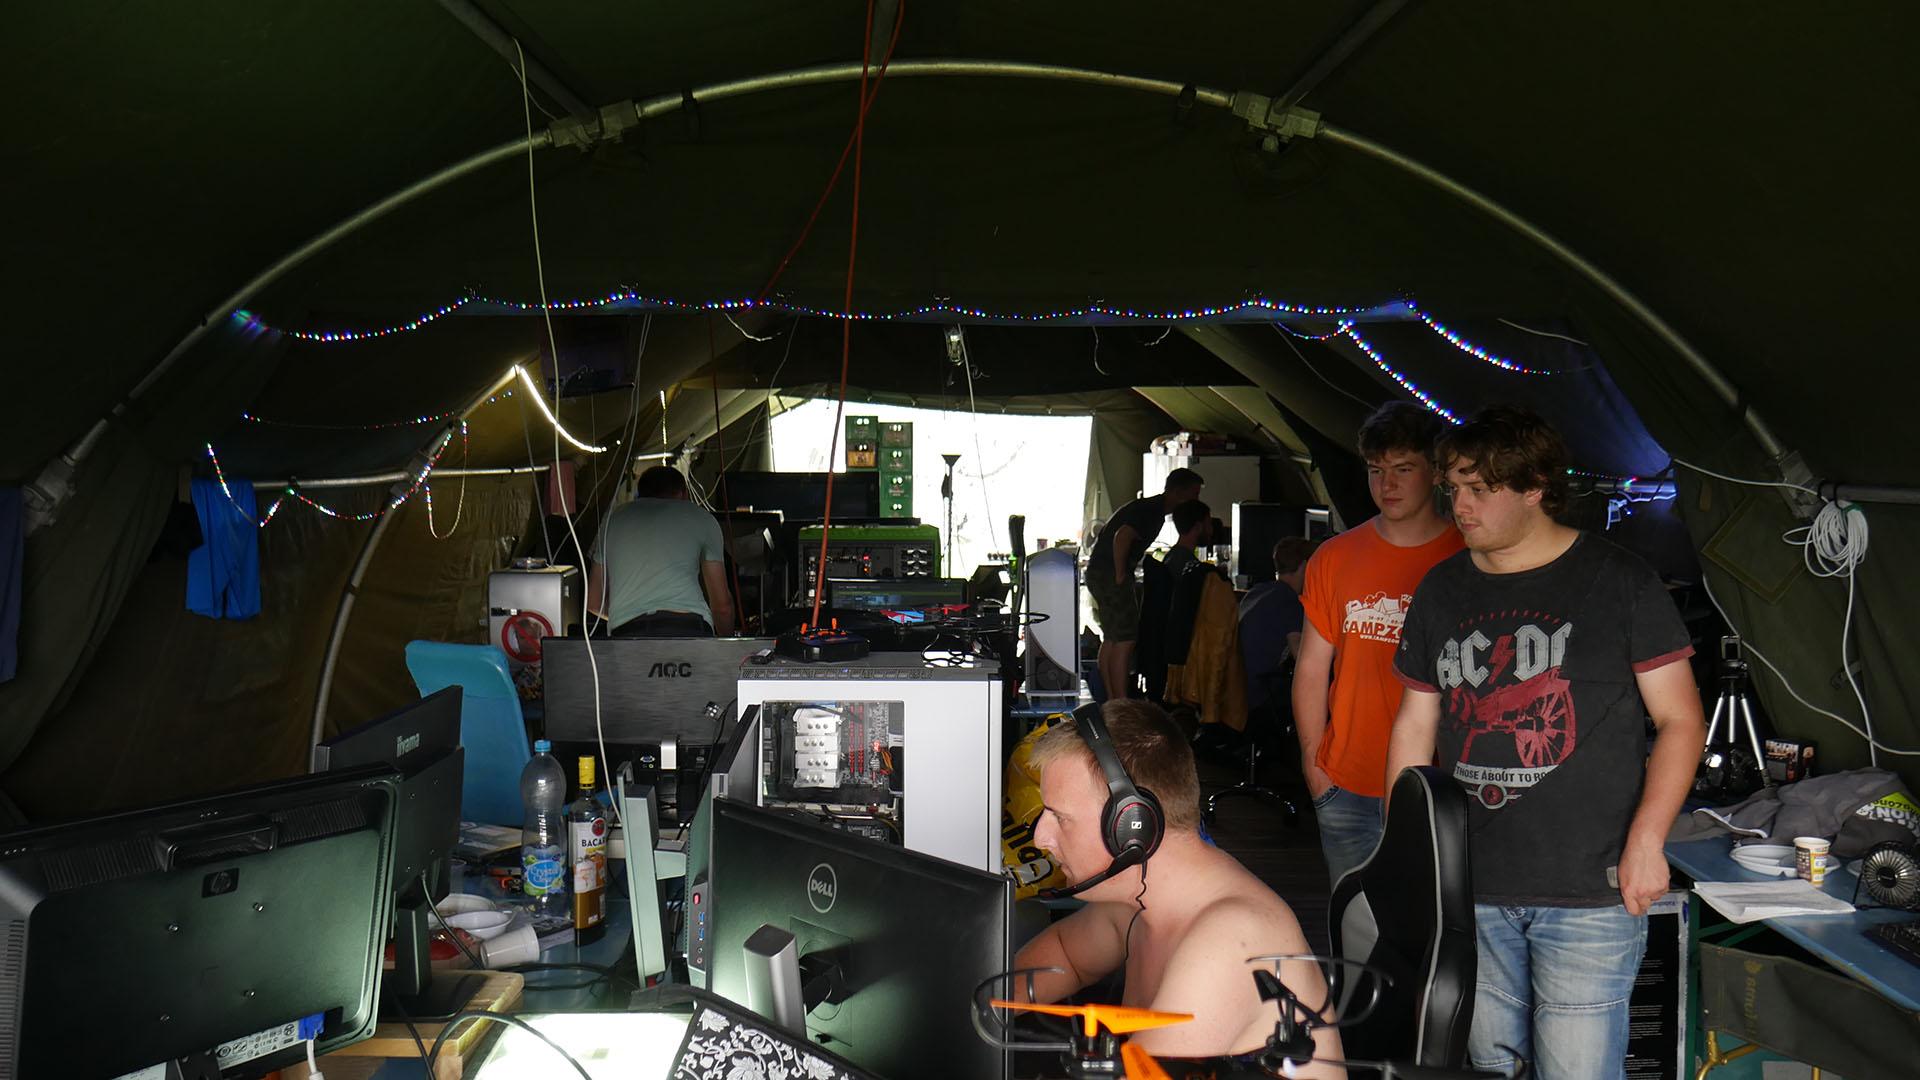 Het overbekende beeld van gamers in tenten